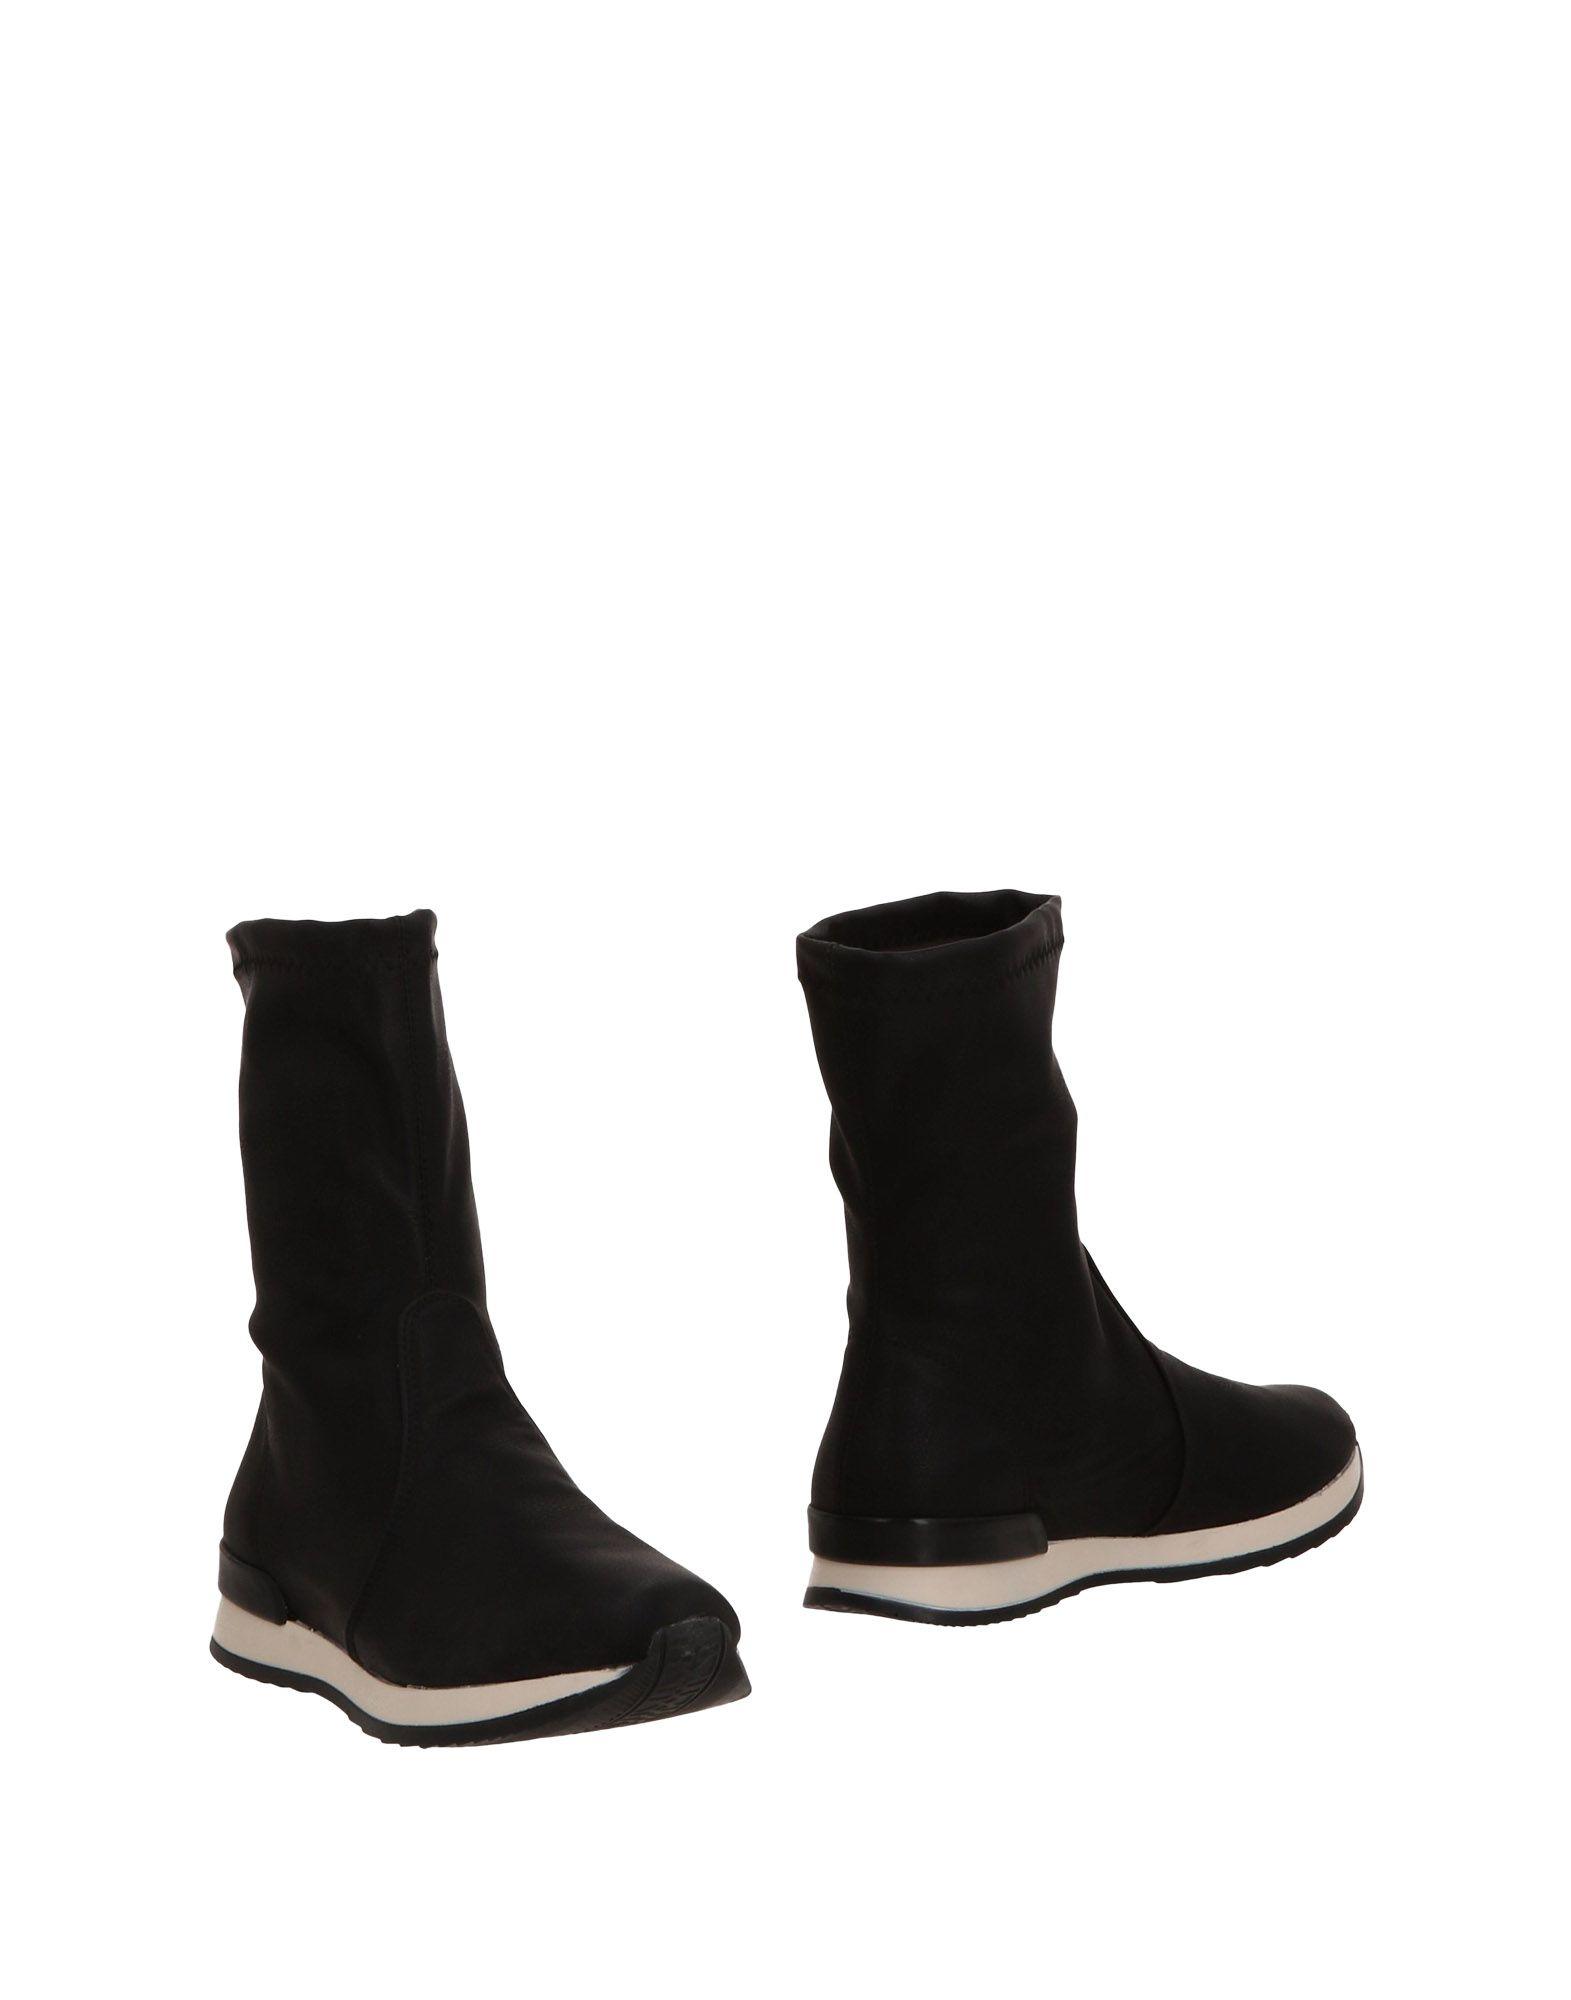 Nr Rapisardi Stiefelette Schuhe Damen  11481999LN Gute Qualität beliebte Schuhe Stiefelette 83d27c